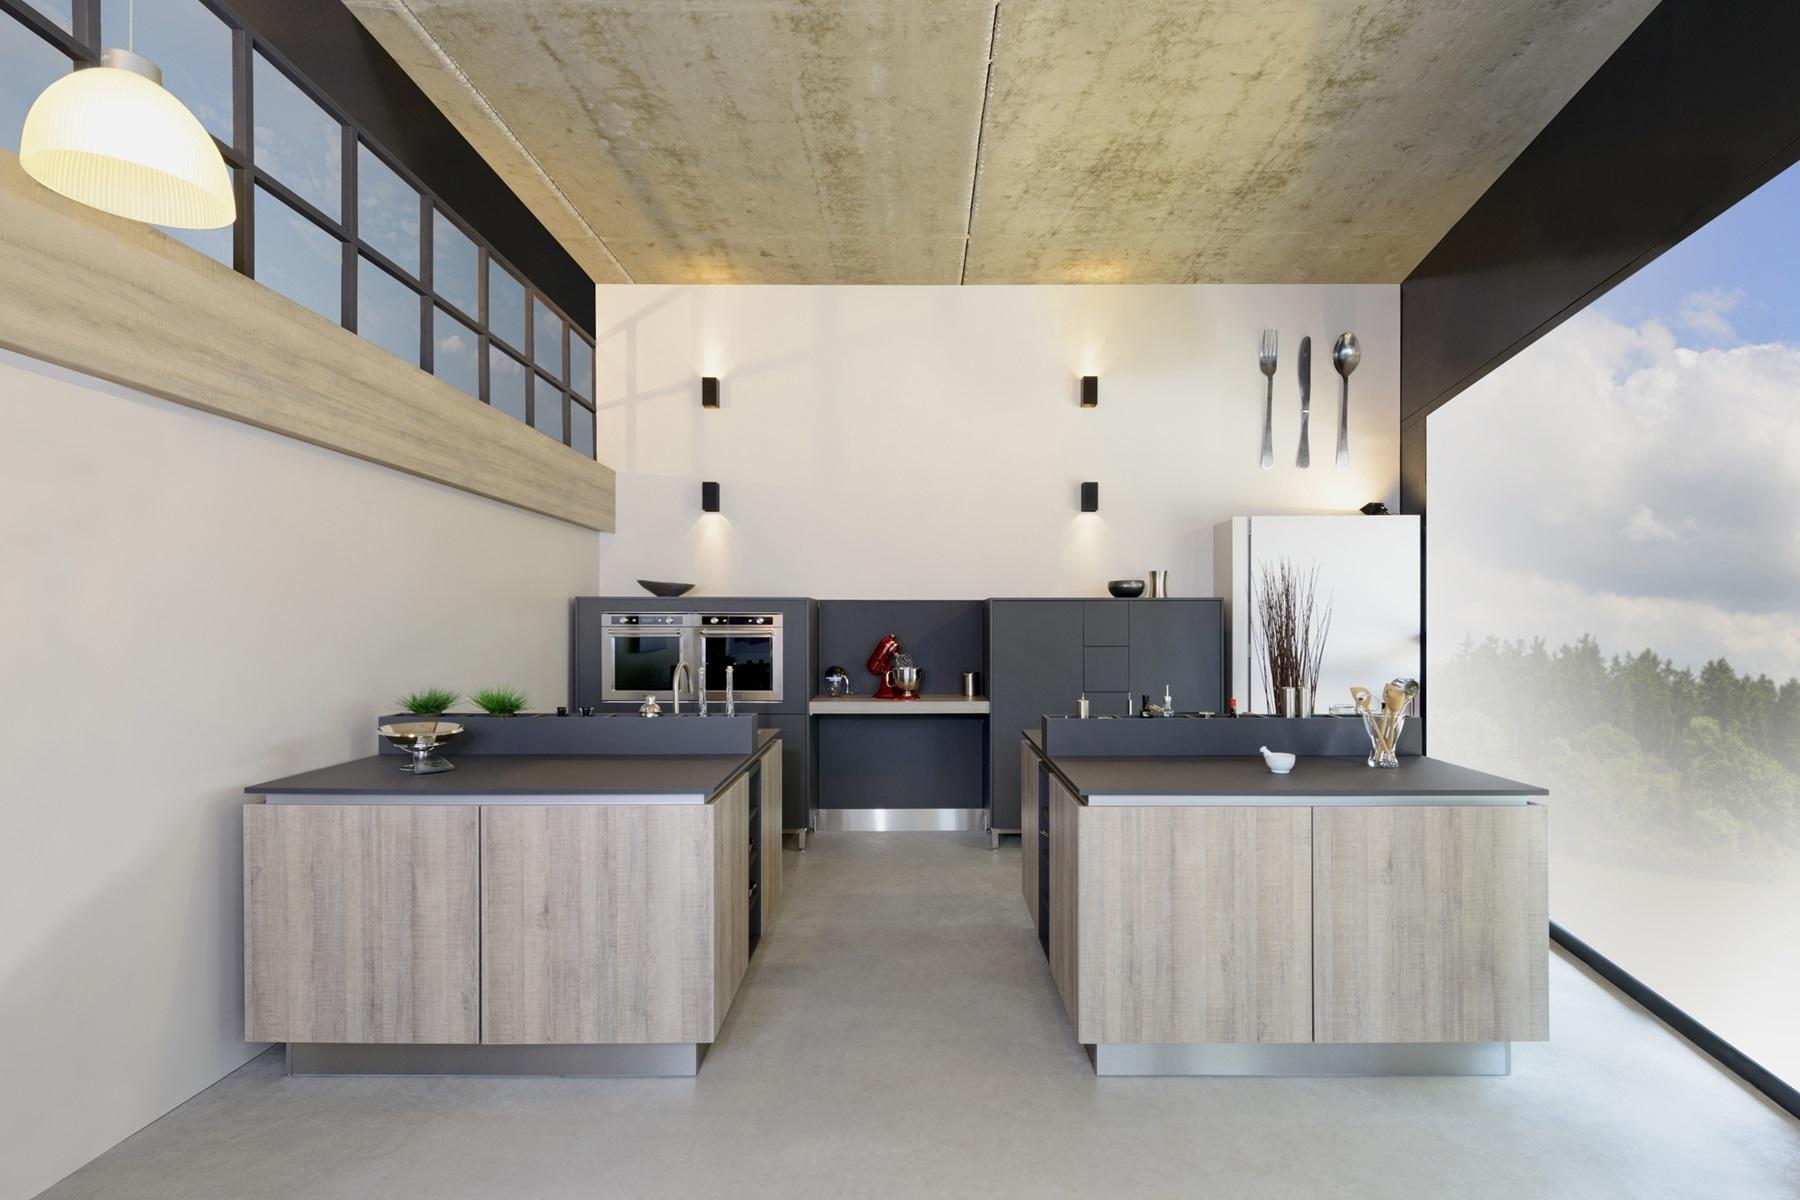 q_bizz_kitchen_front